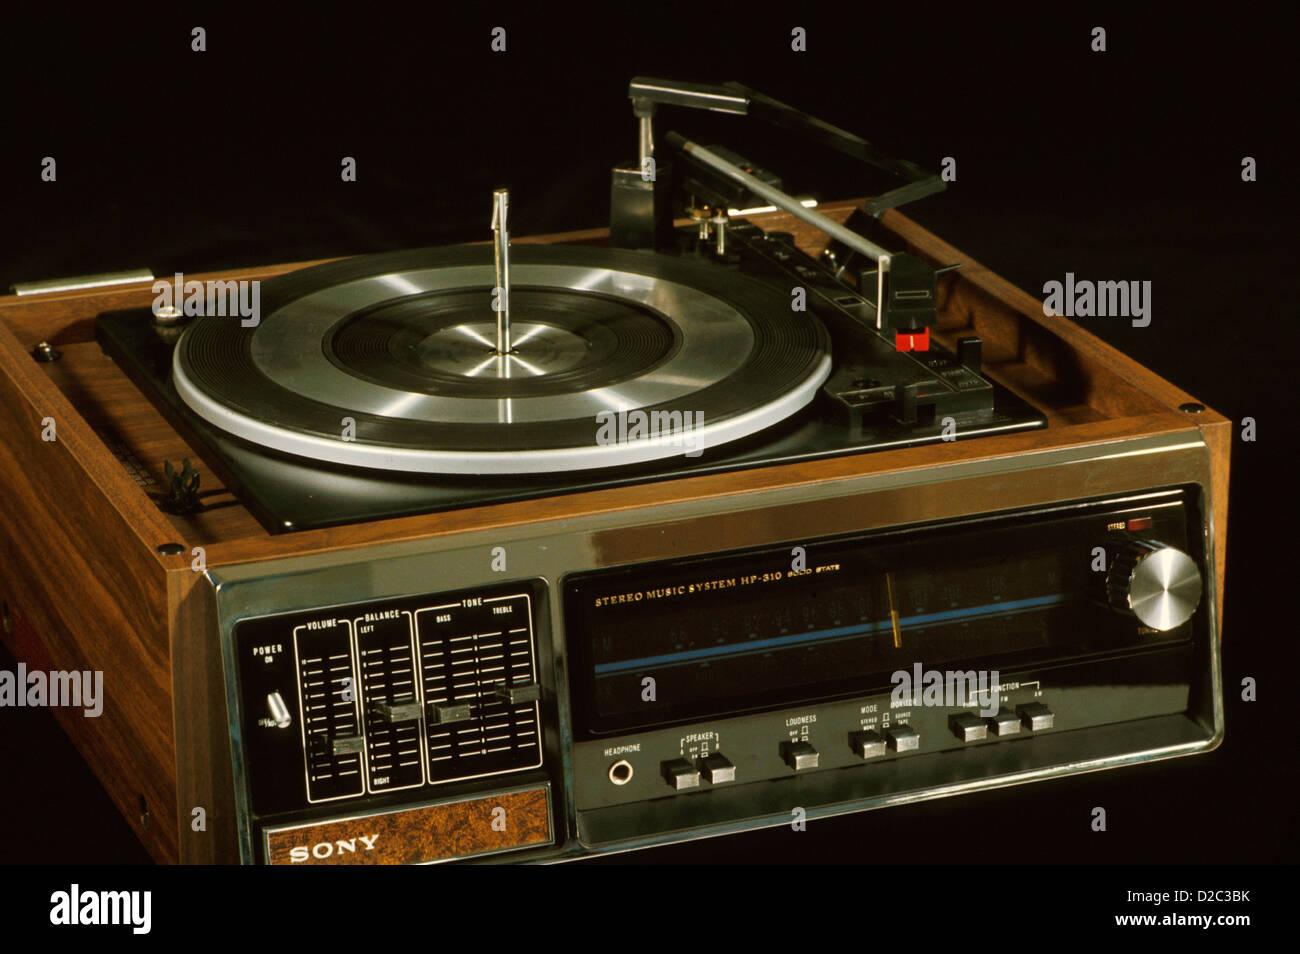 Sony Receiver und Plattenspieler (1970er Jahre) Stockbild